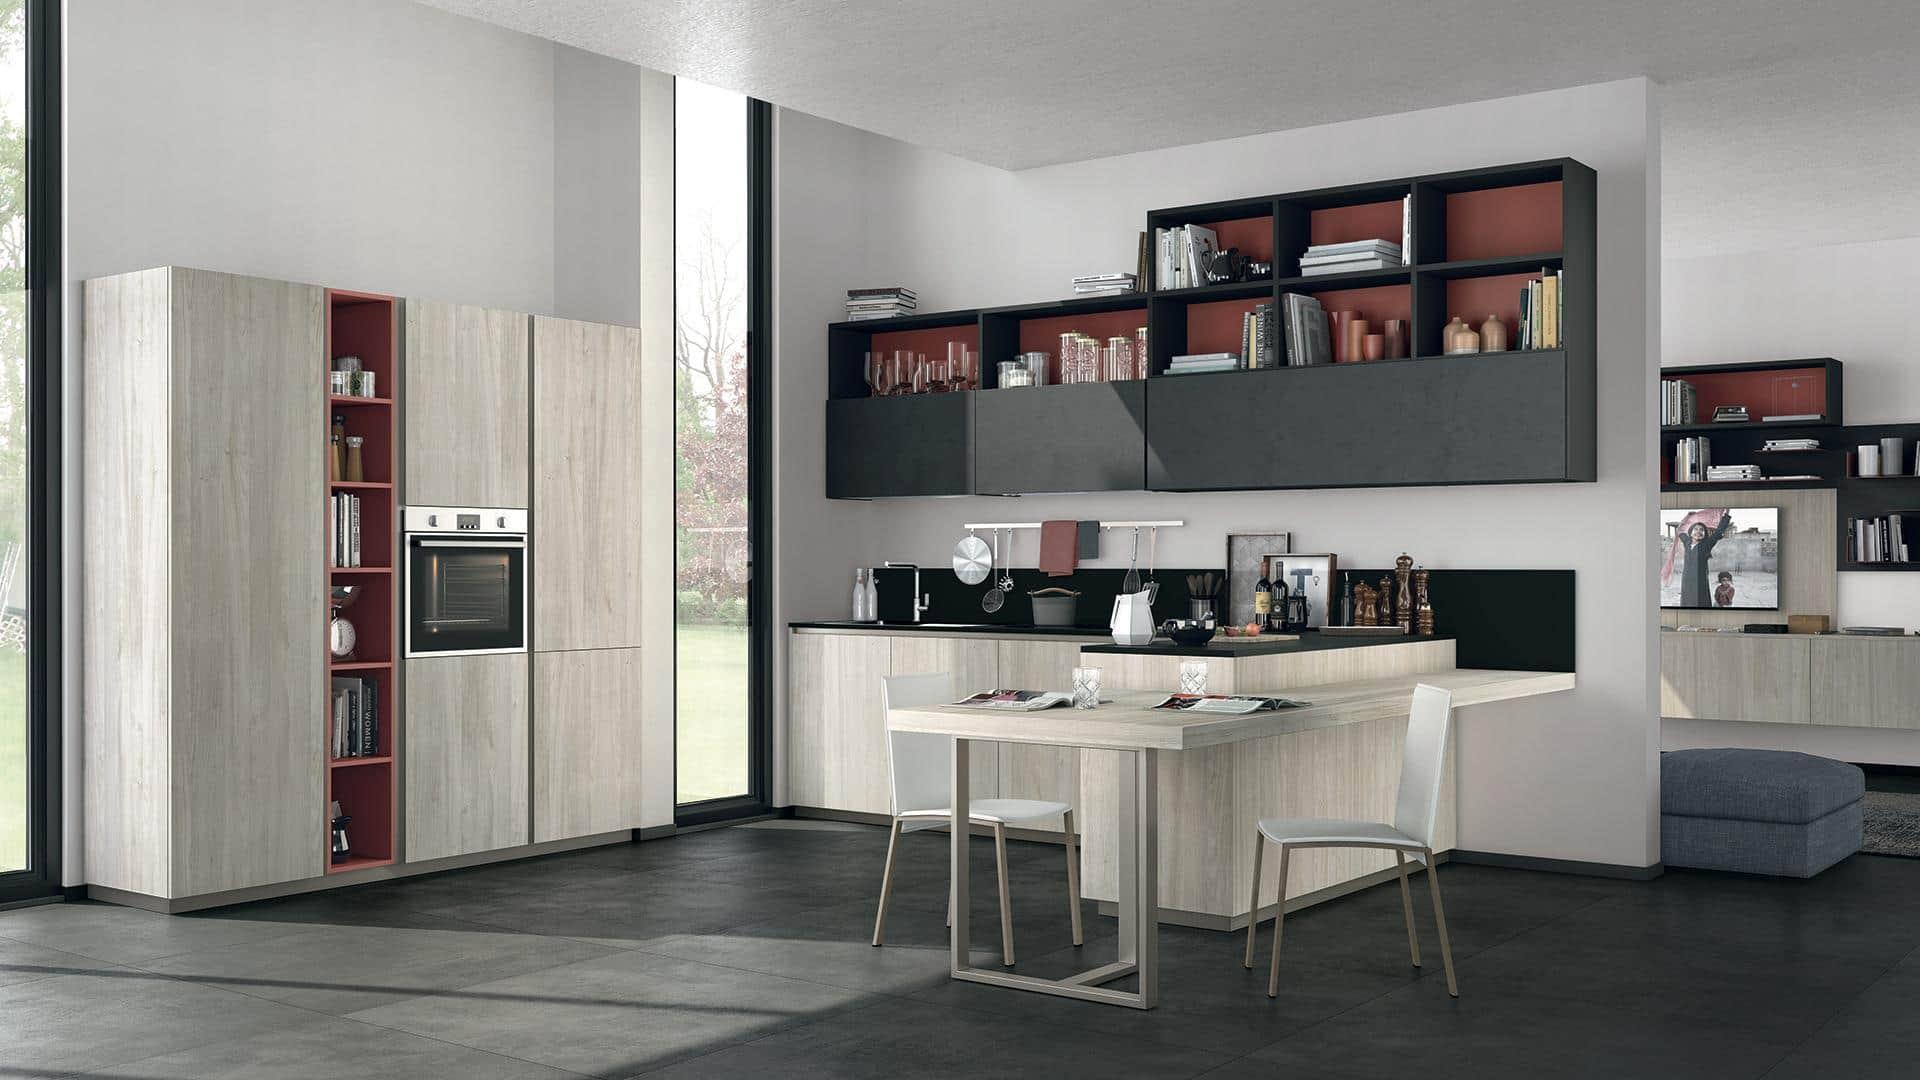 Vendita cucine moderne a padova - Cucine con isola lube ...